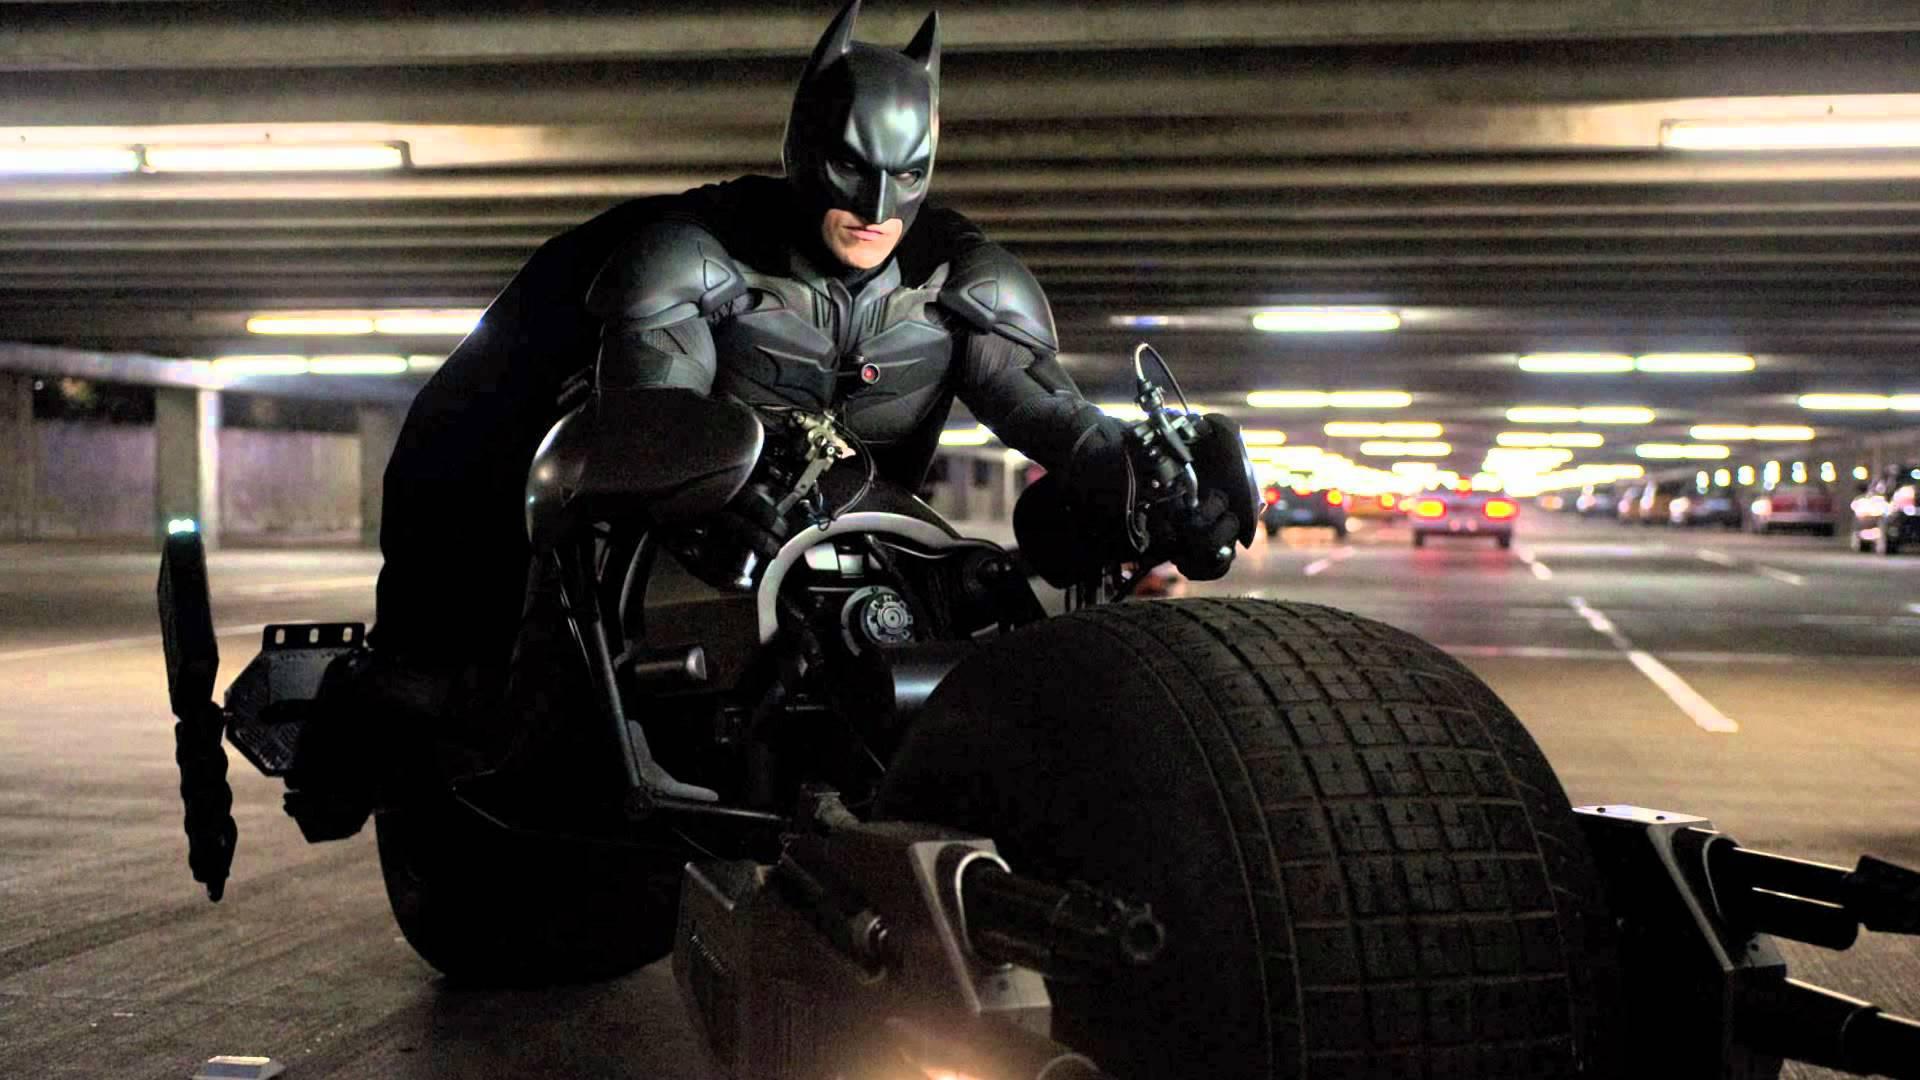 batman-batpod-the-dark-knight